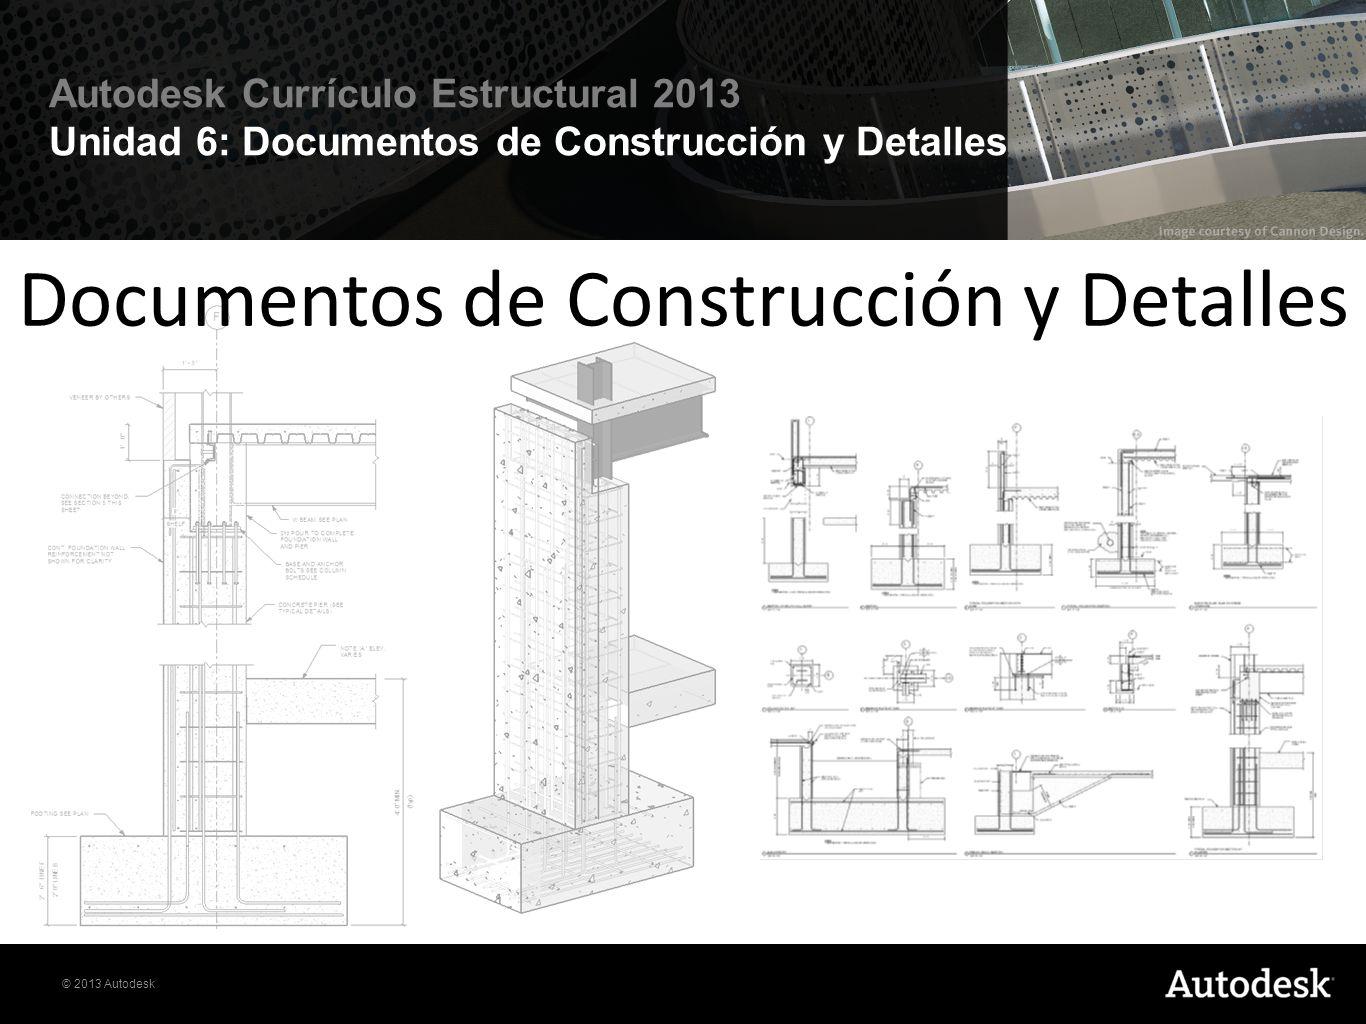 Documentos de Construcción y Detalles